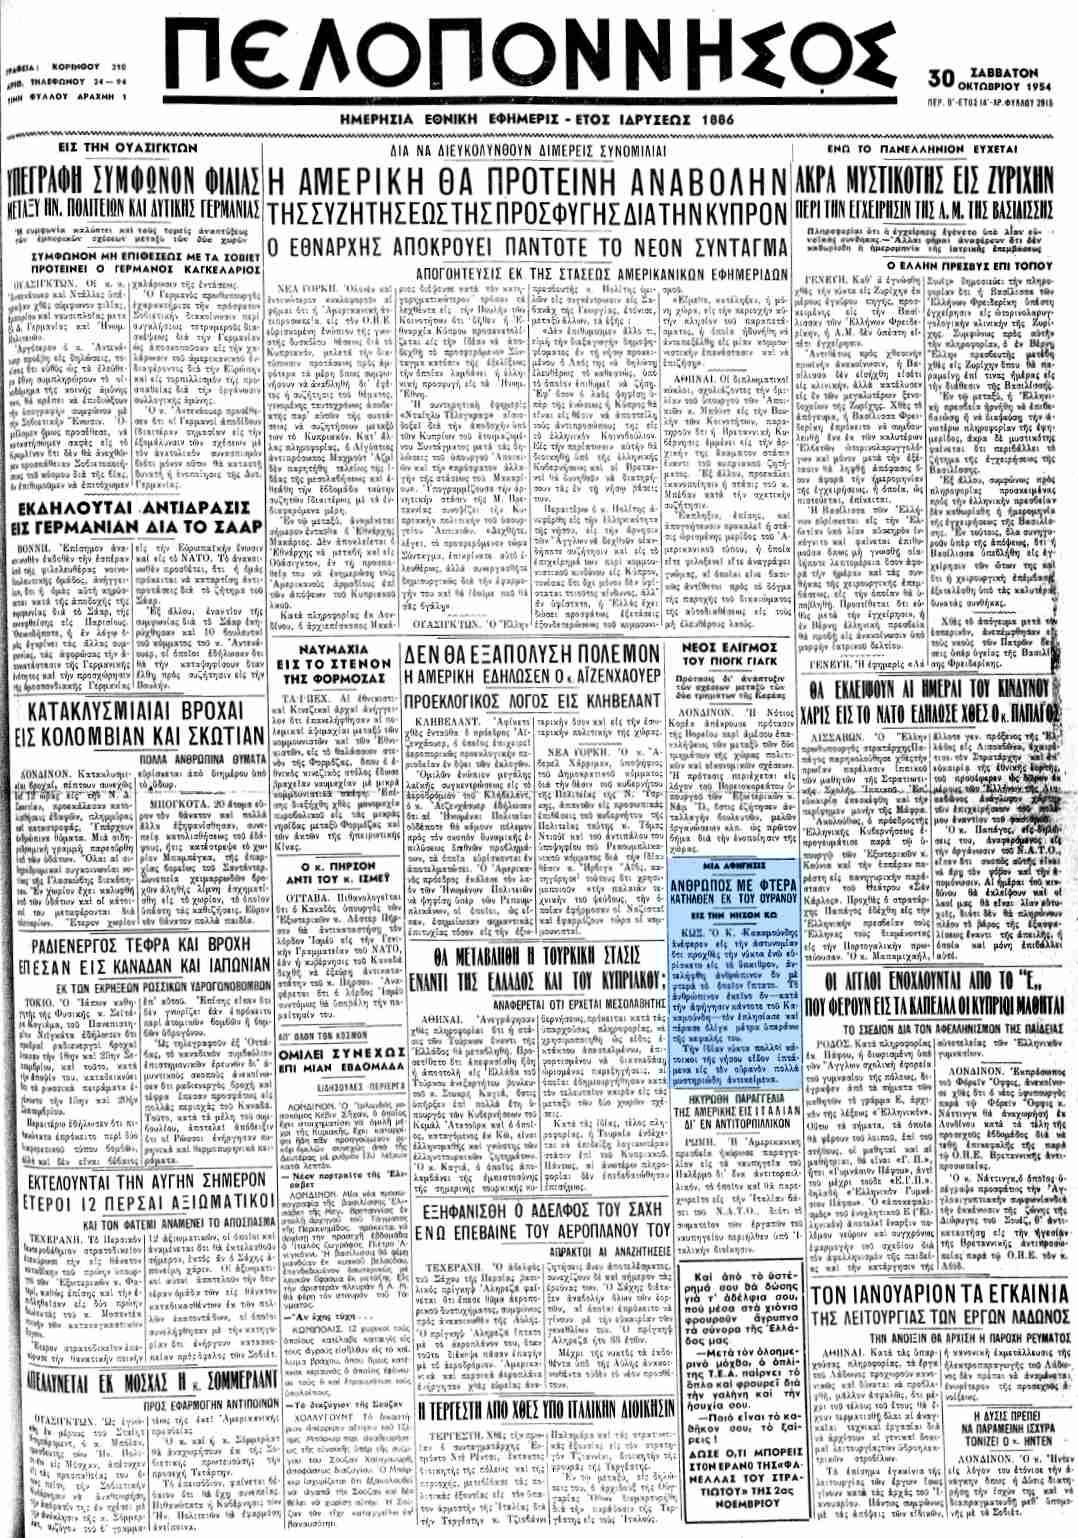 """Το άρθρο, όπως δημοσιεύθηκε στην εφημερίδα """"ΠΕΛΟΠΟΝΝΗΣΟΣ"""", στις 30/10/1954"""